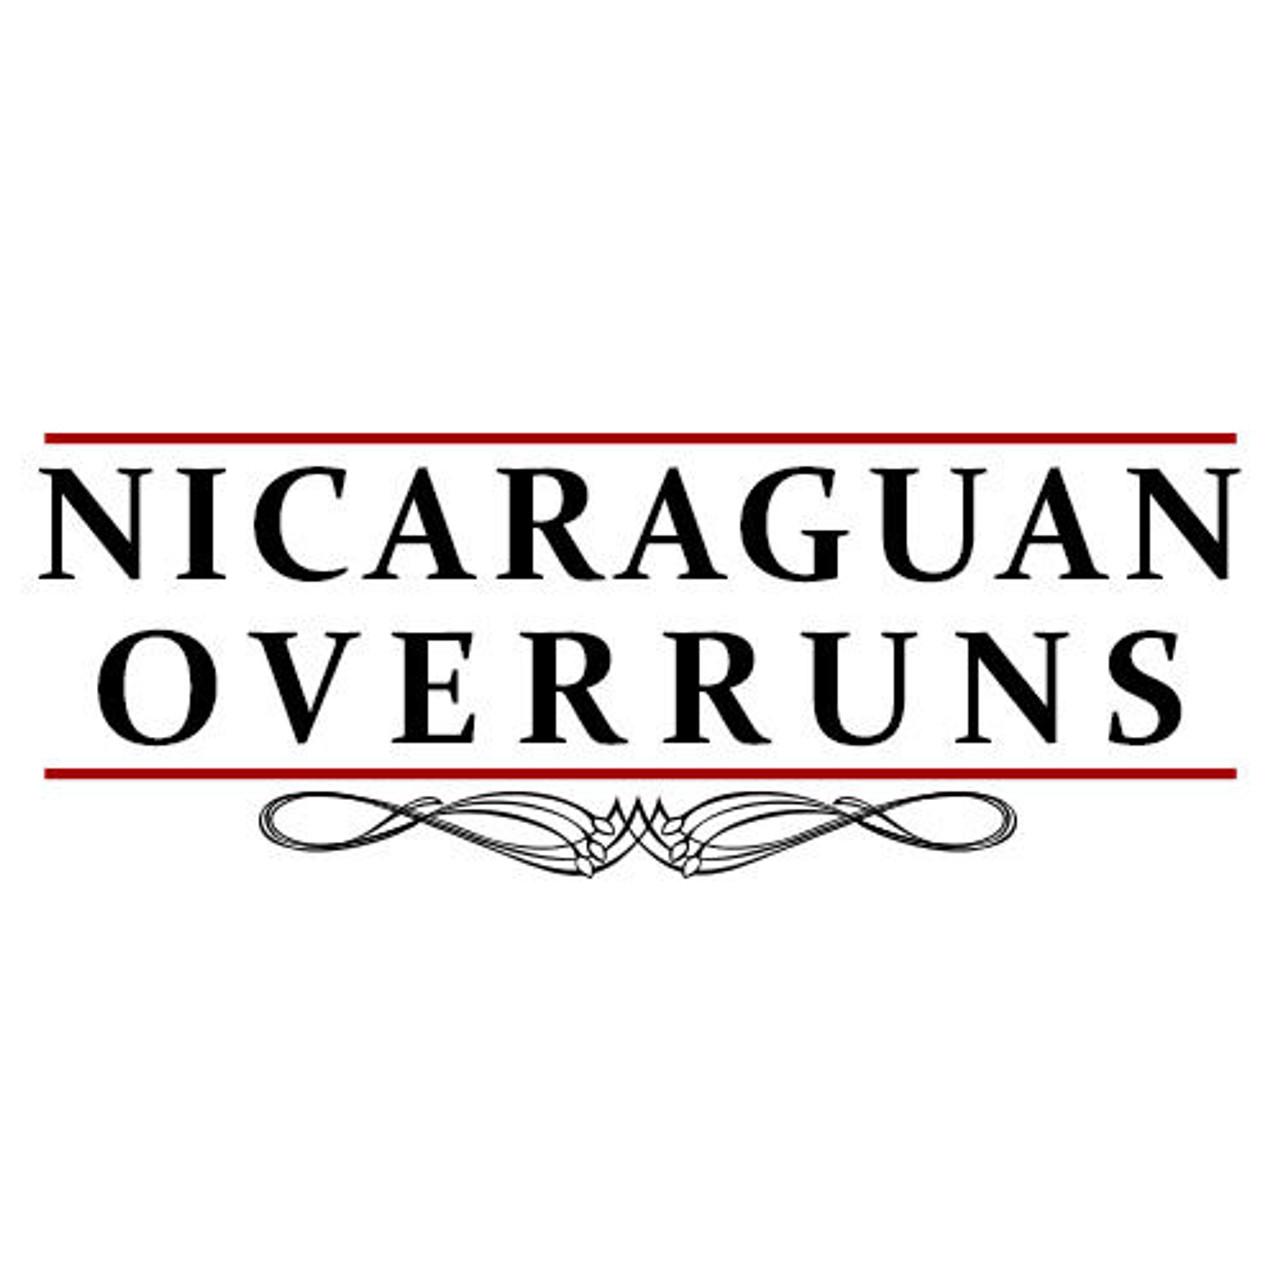 Nicaraguan Overruns Connecticut Torpedo Cigars - 6.5 x 52 (Bundle of 20)